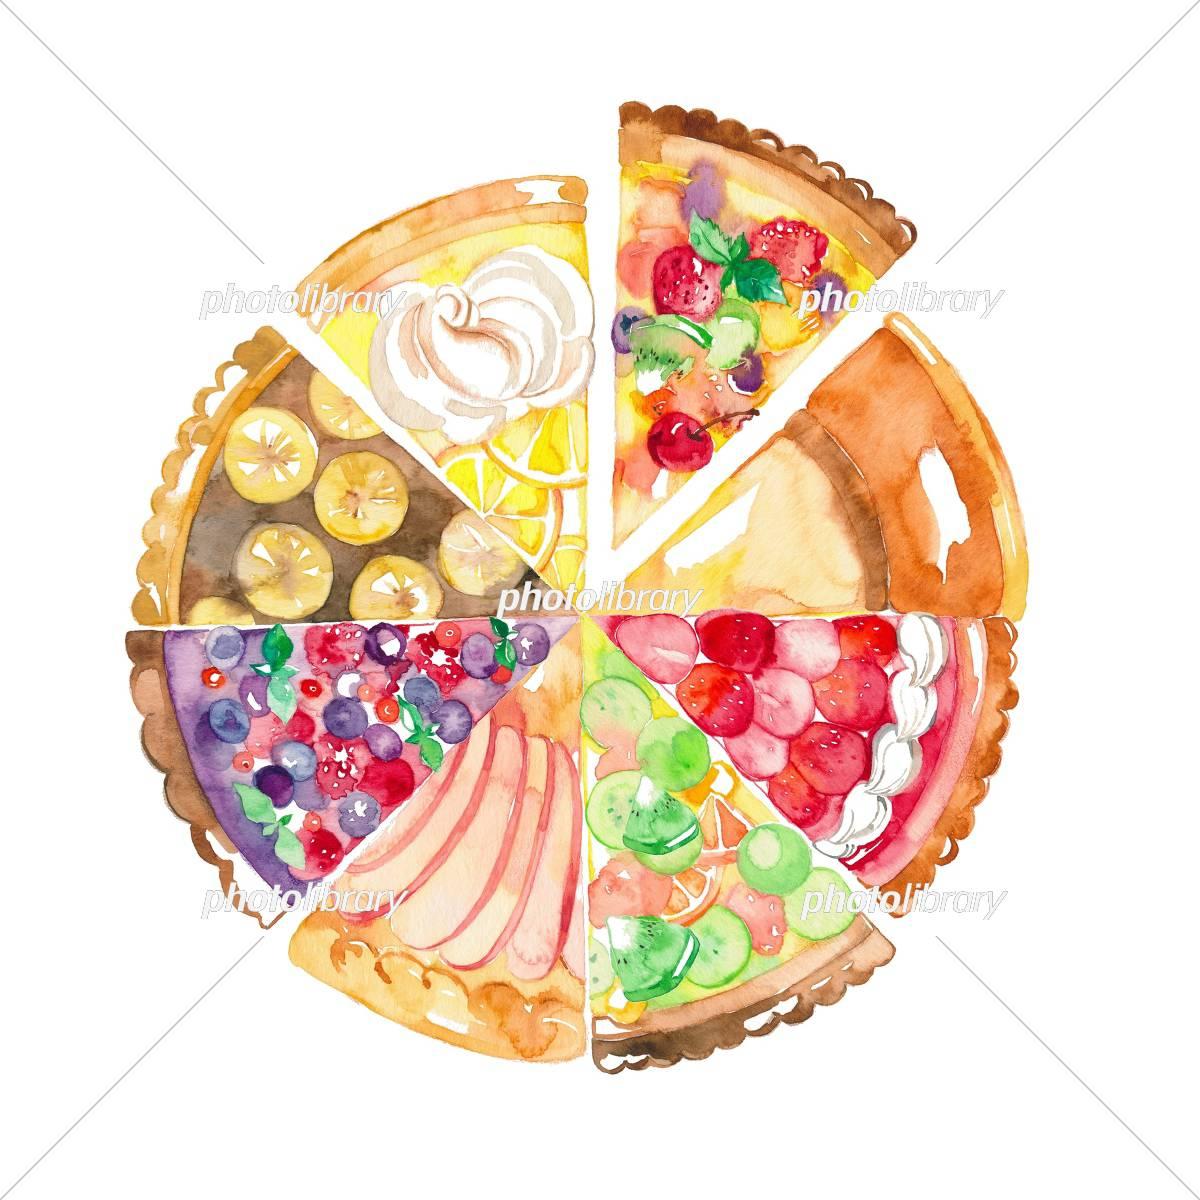 ケーキ ホール 8種 イラスト素材 [ 5397780 ] - フォトライブラリー